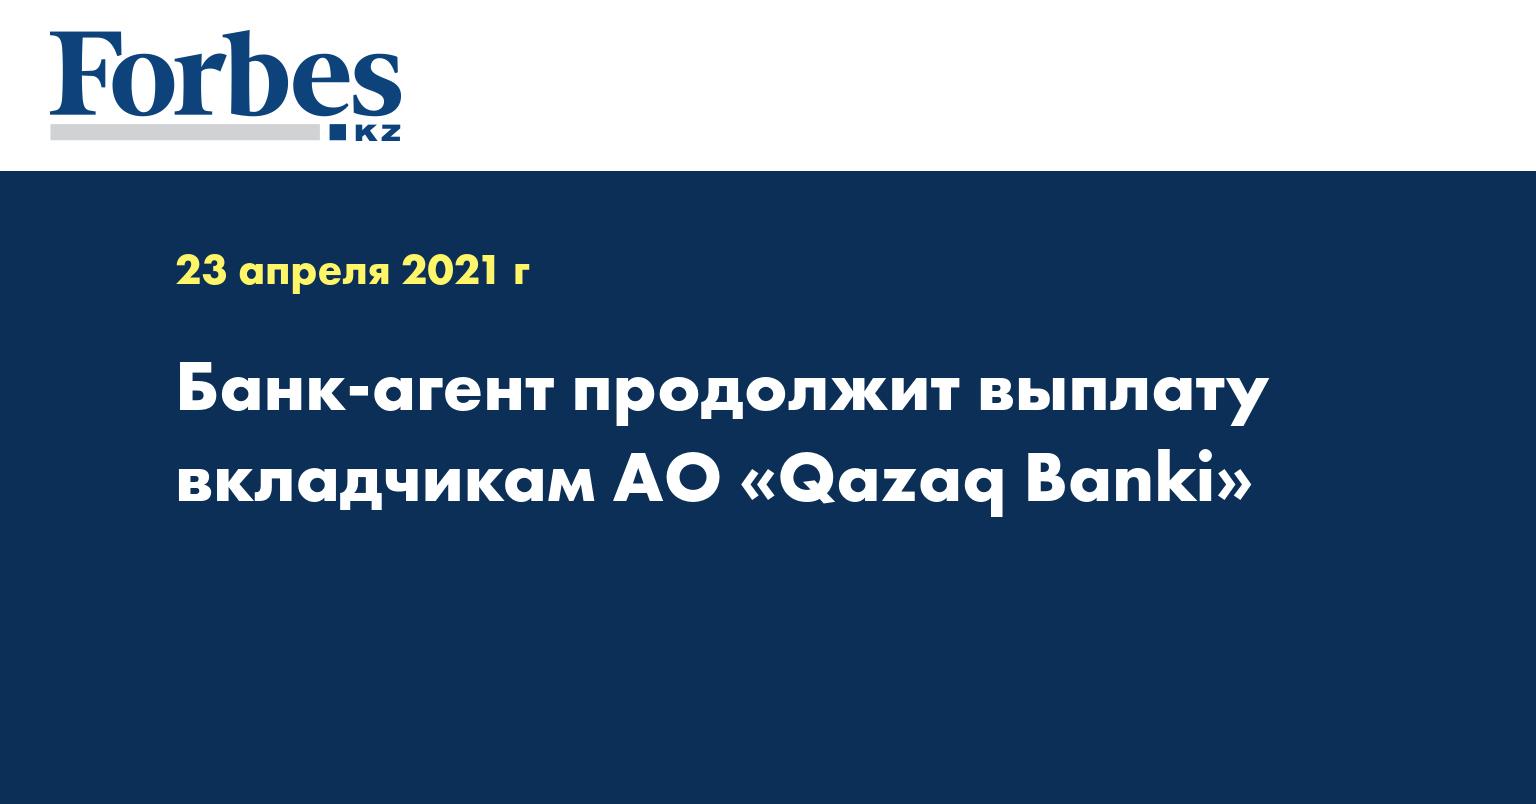 Банк-агент продолжит выплату вкладчикам АО «Qazaq Banki»